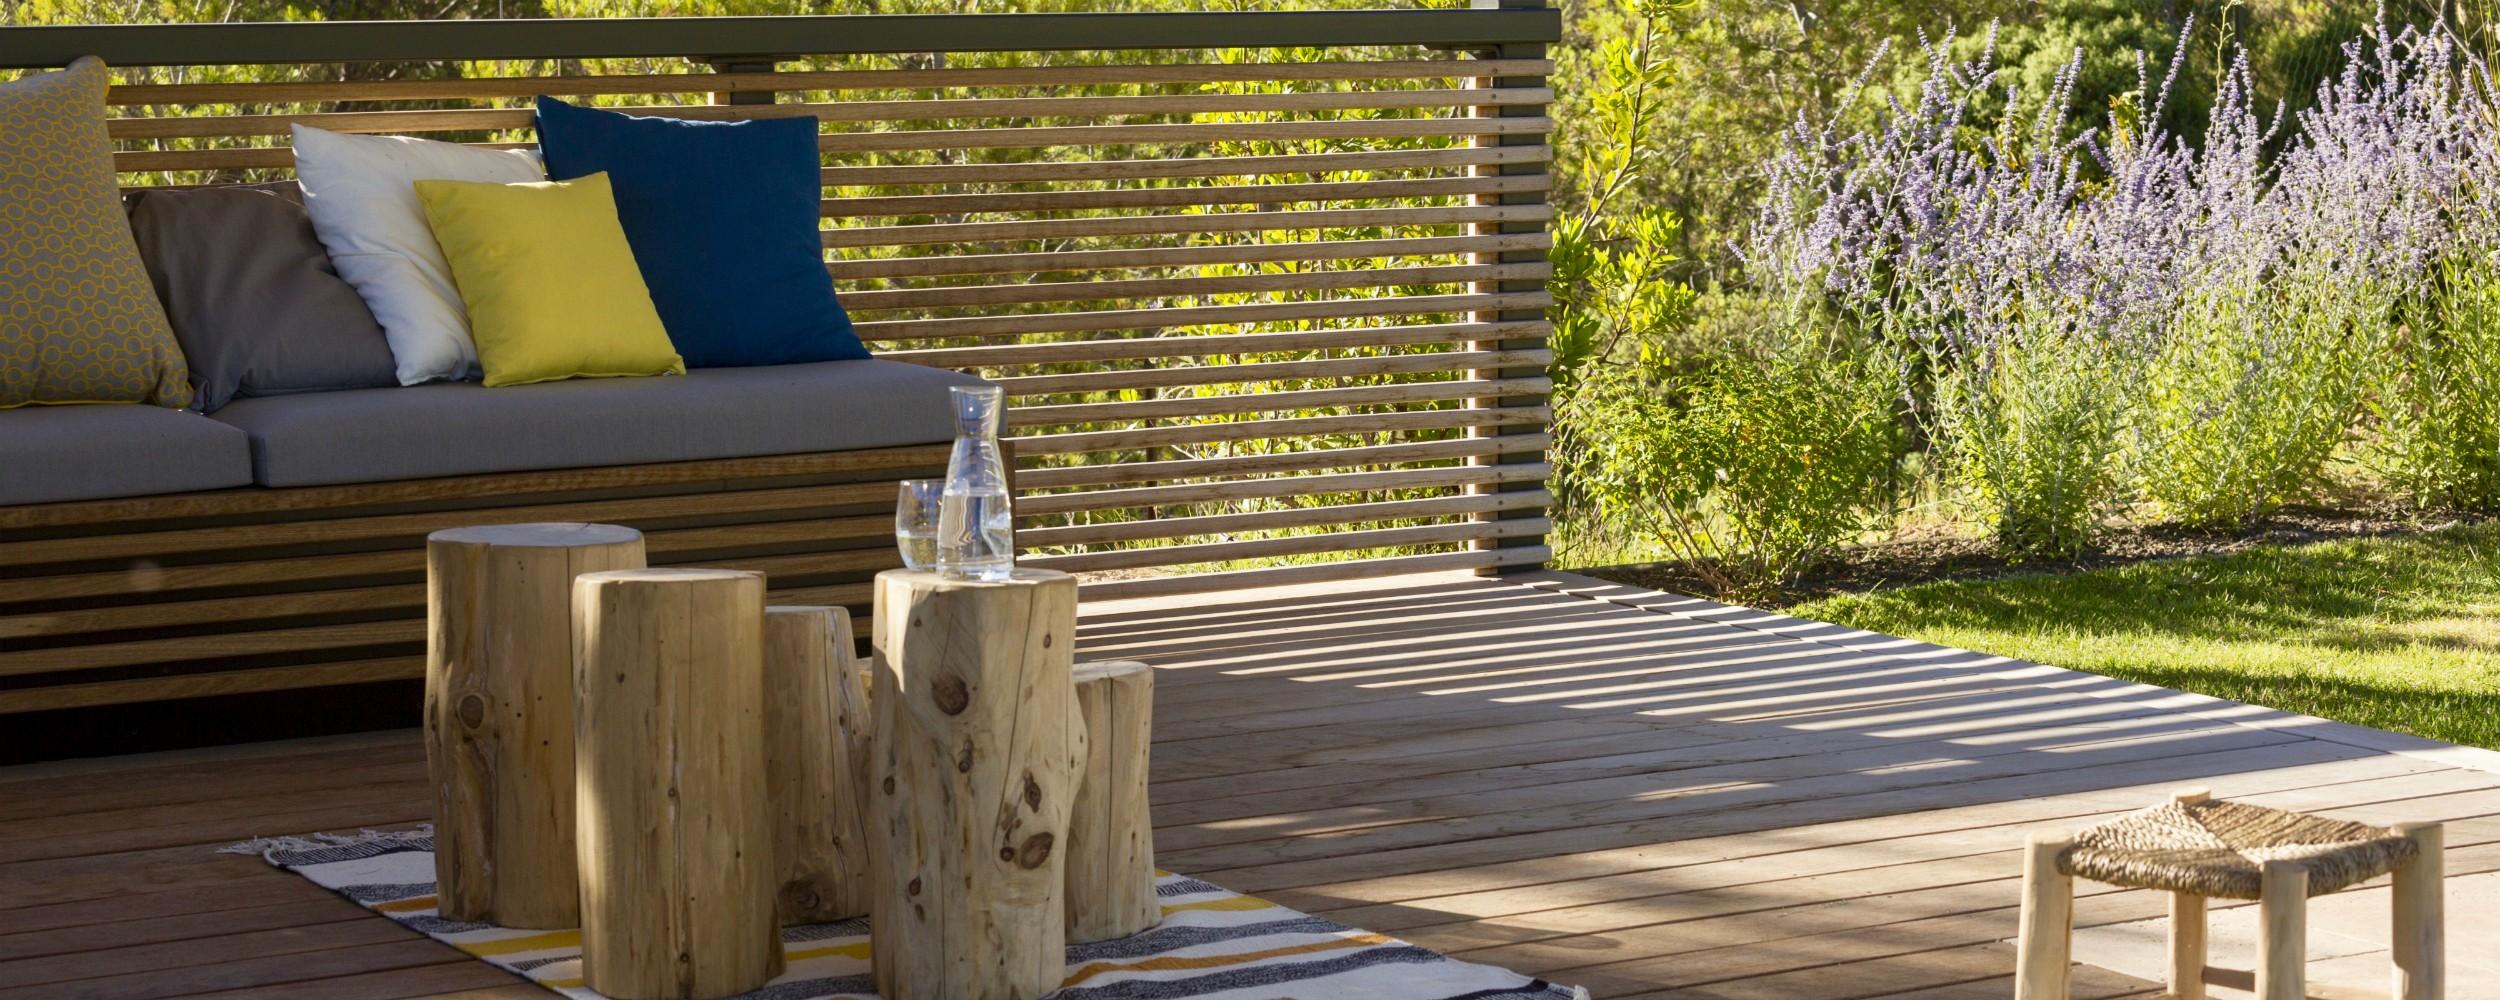 Sp cialiste terrasse en bois aix en provence teck - Mobilier jardin teck entretien aixen provence ...